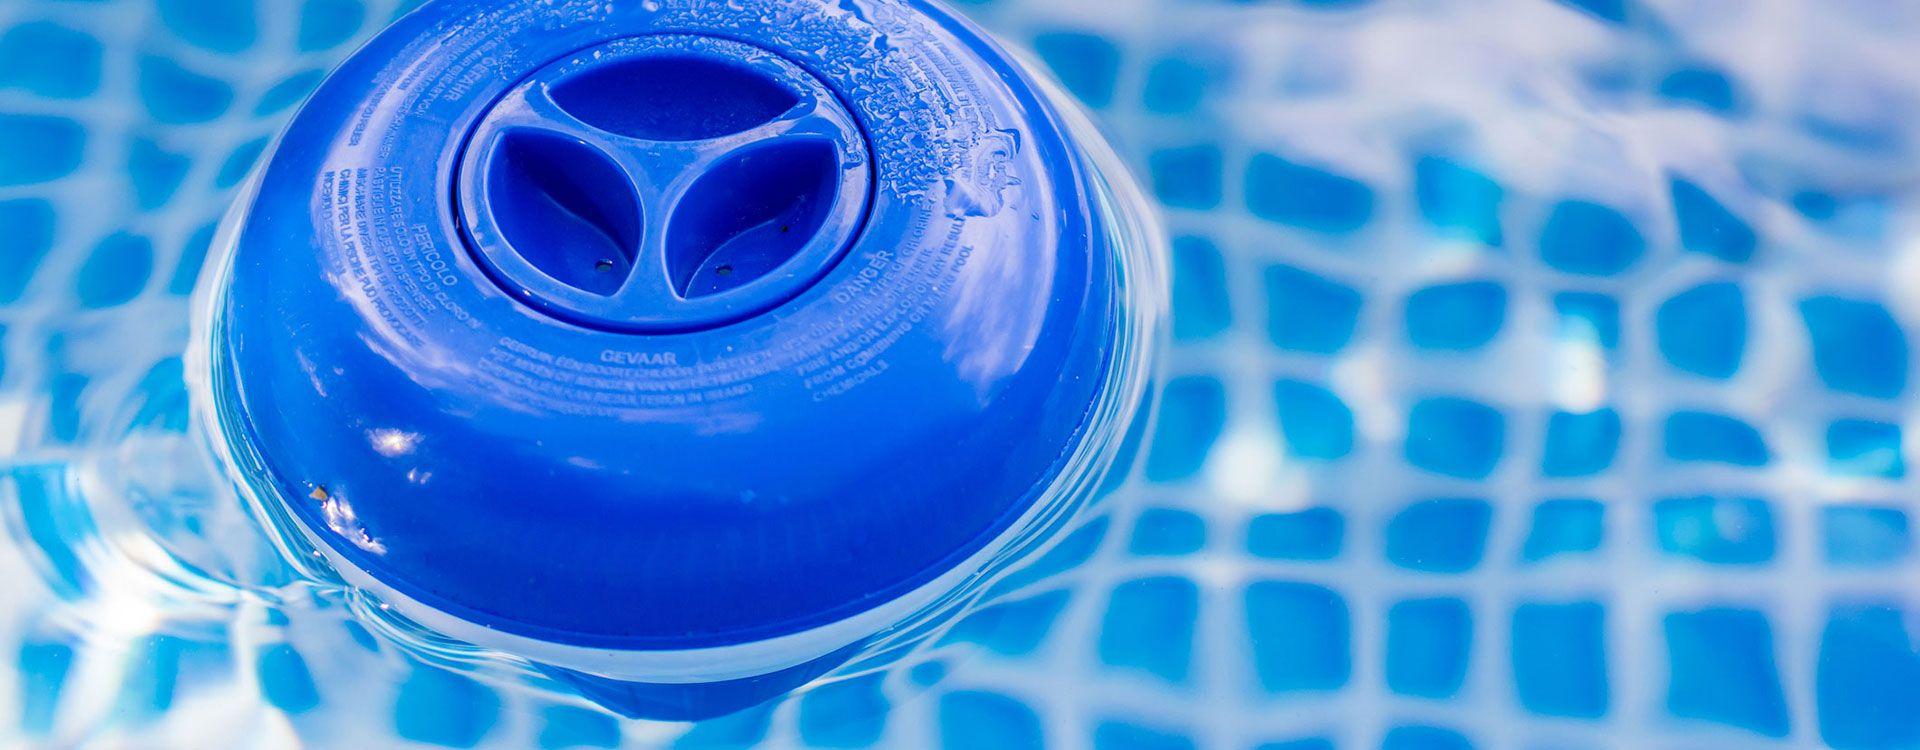 Entretien d'une piscine : pourquoi choisir des produits de qualité ?